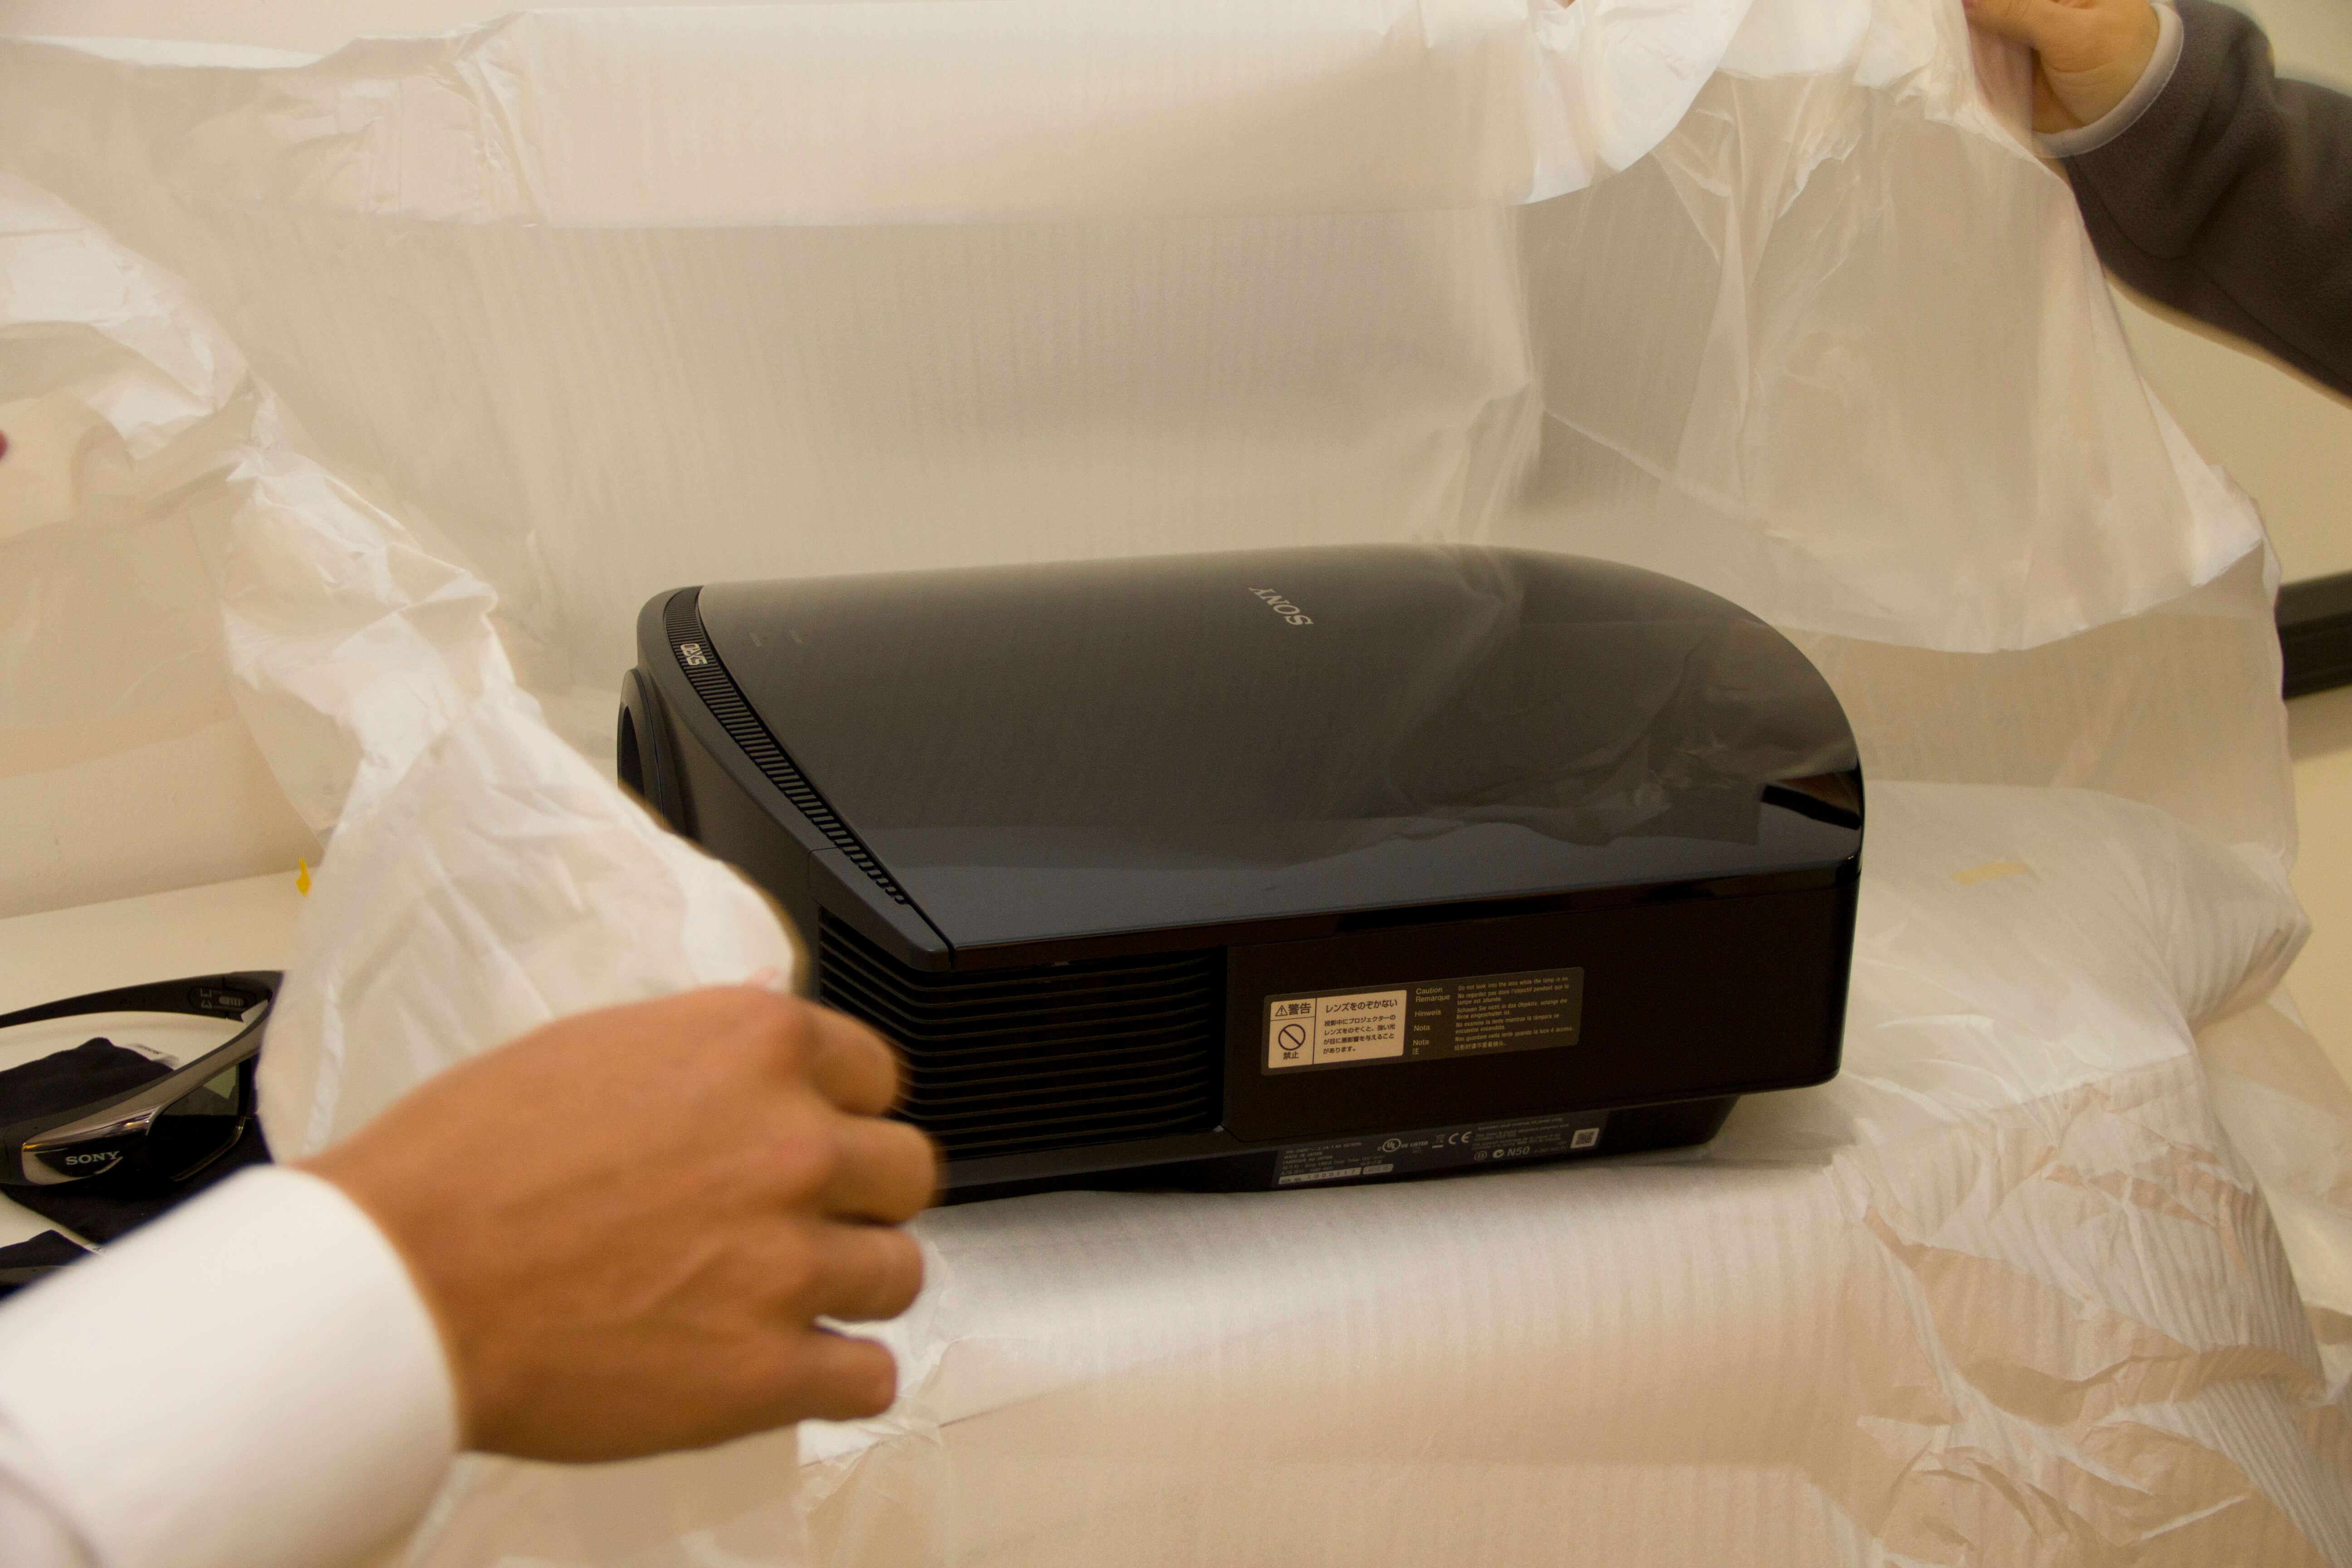 pag 2 - Sony VPL-VW90 da! Erster Eindruck des 3D-Beamers